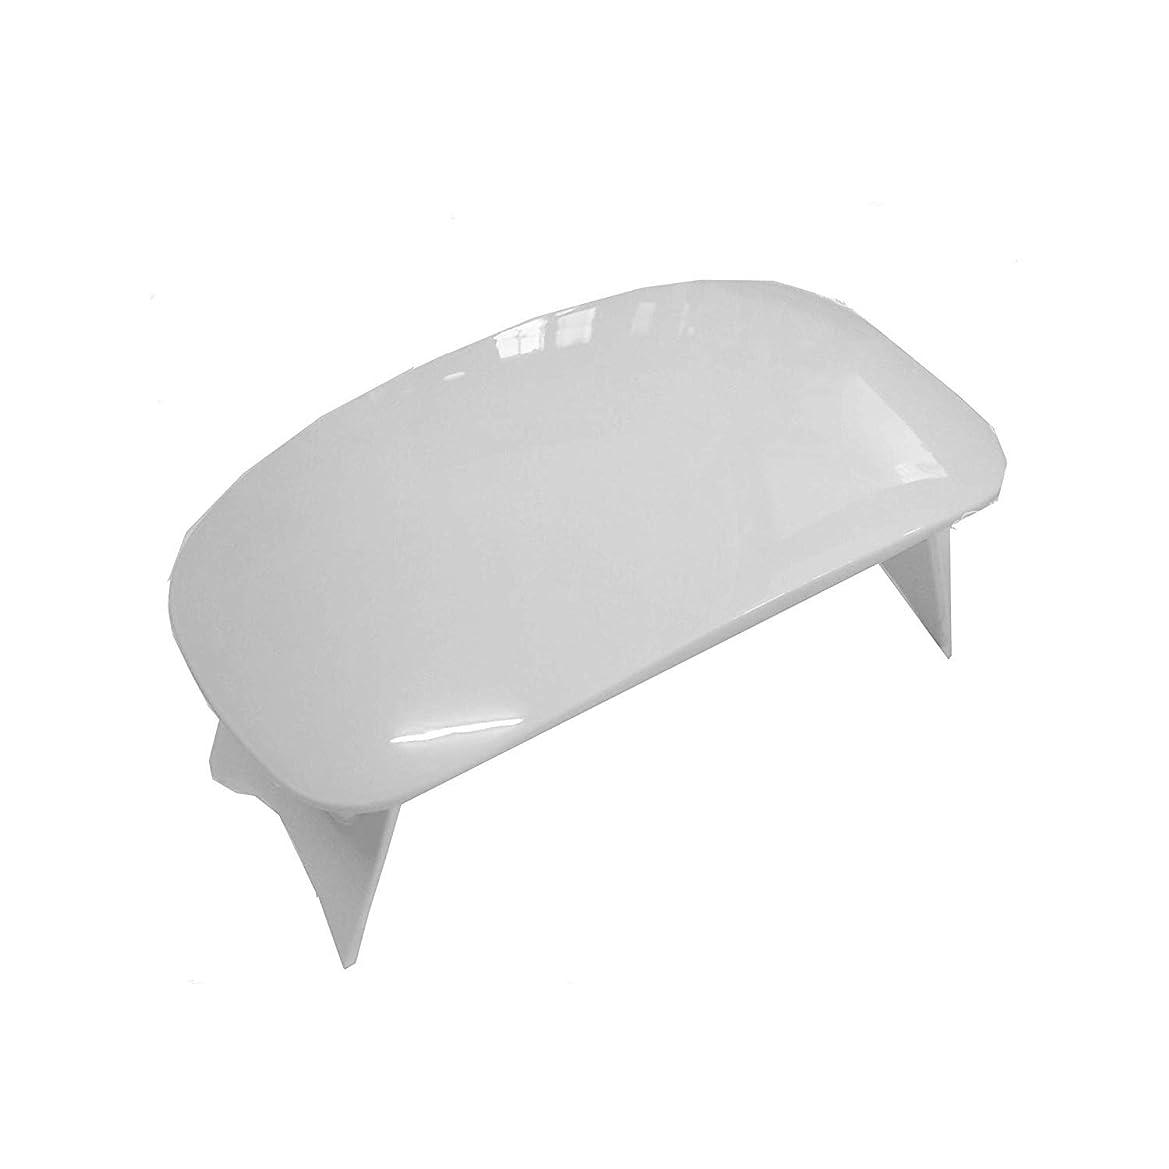 感謝閉塞推論ゲルの磨くことのための紫外線釘ライト小型 6W LED の釘ライト、2つのタイミングの設定 (45s/60) (ピンク),White